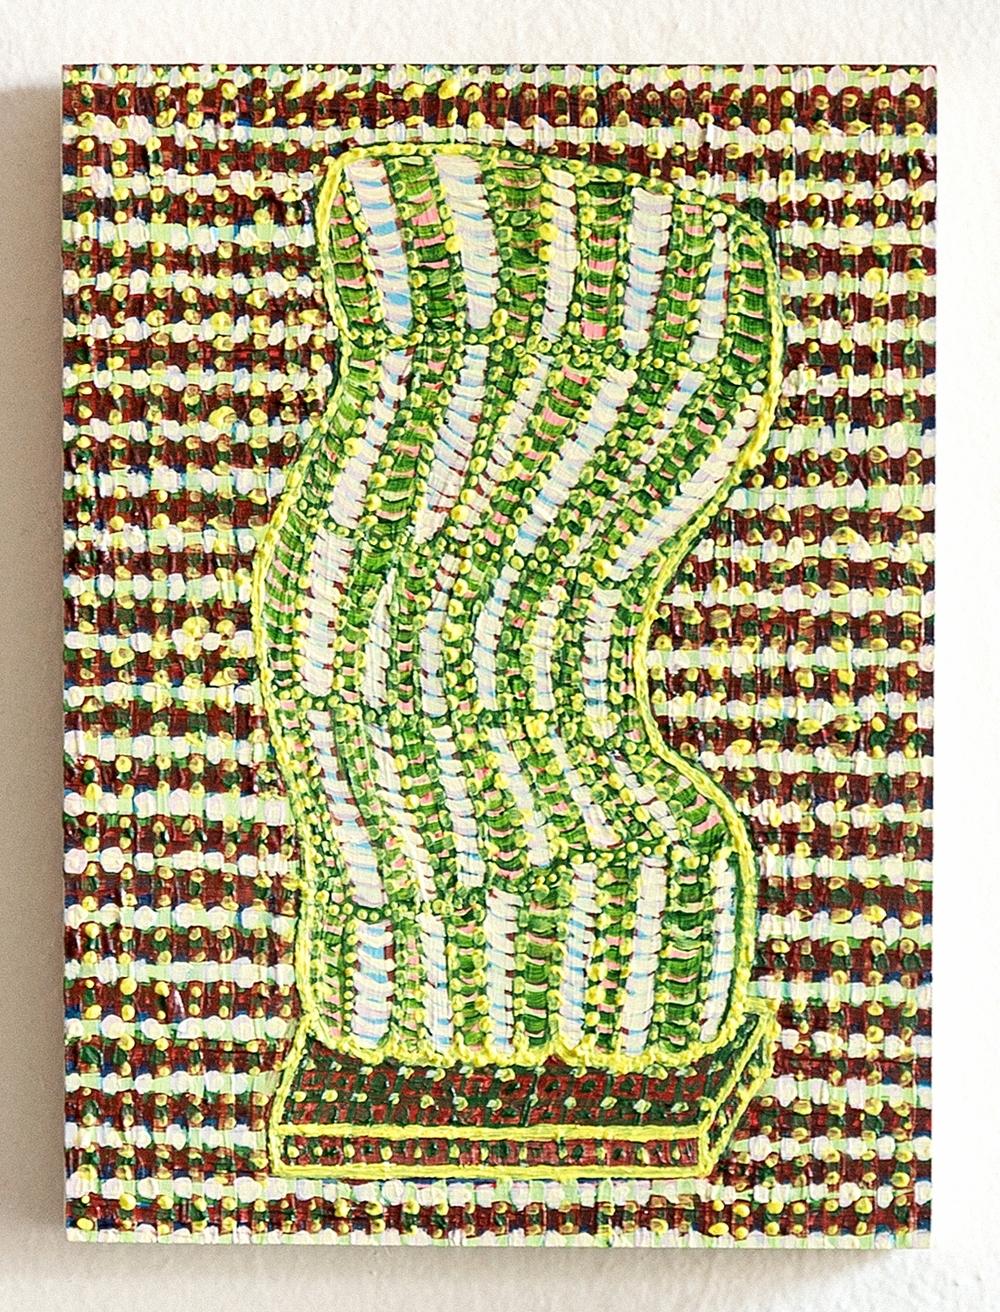 2015, Acrylic on wood panel